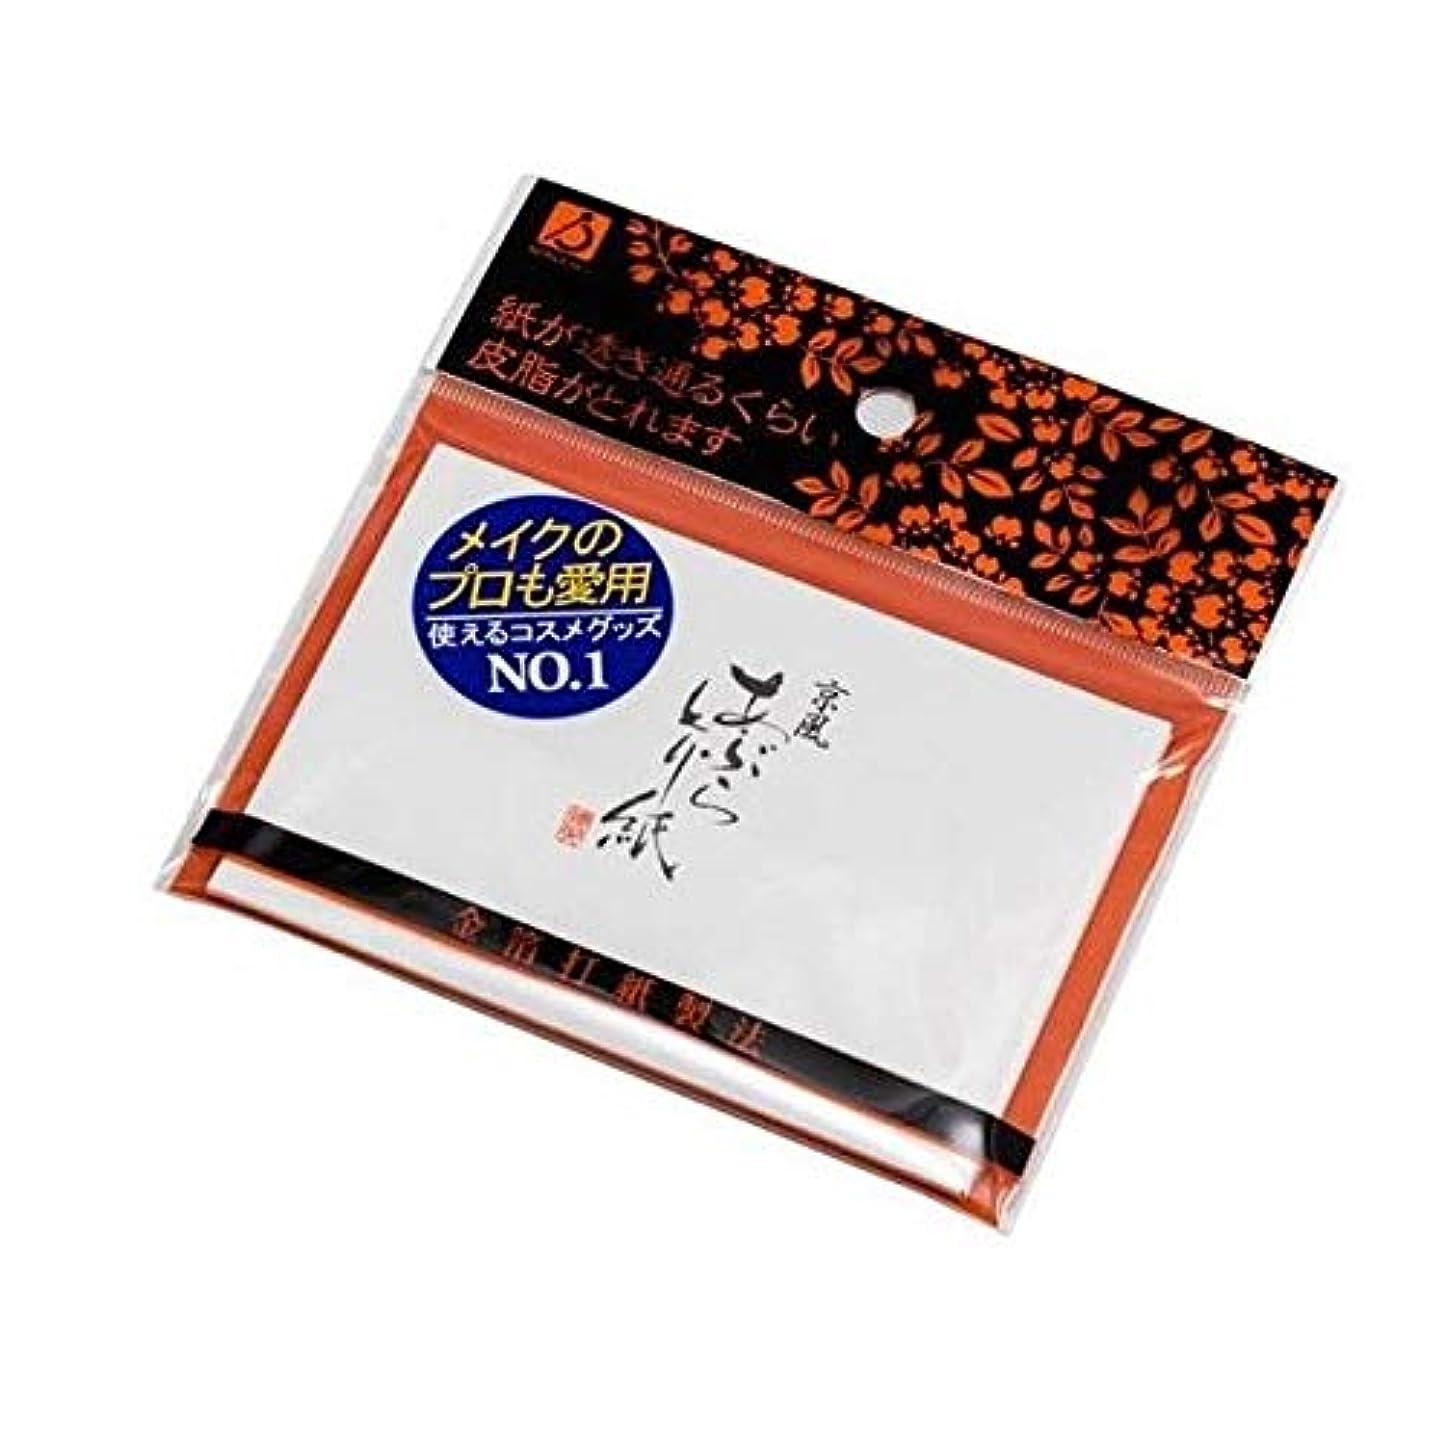 加入興奮恋人徳安 FP-381 金箔打紙製法 京風 あぶらとり紙 45枚入×5冊 セット